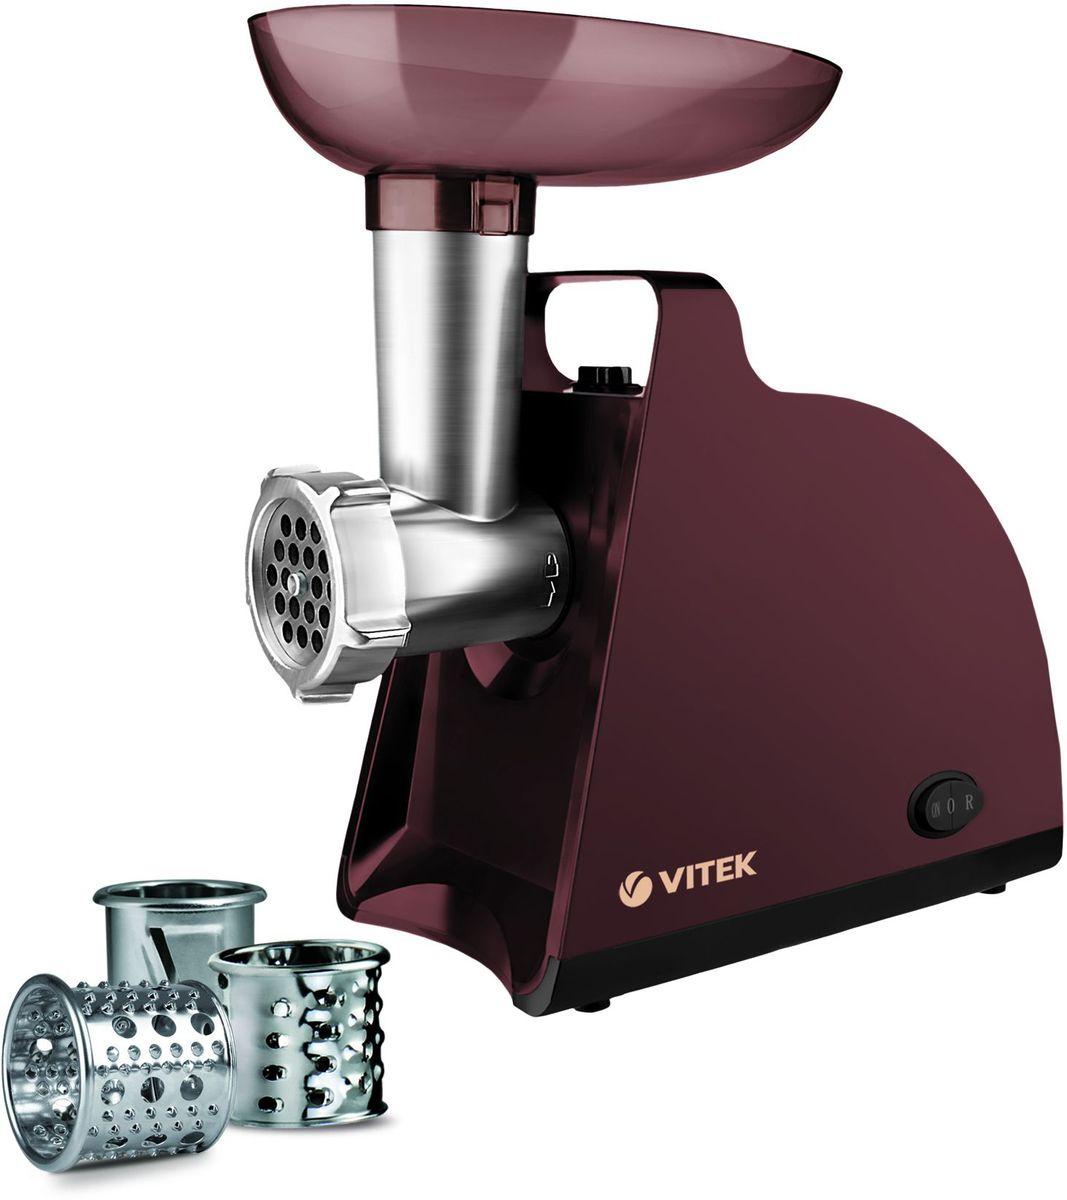 Vitek VT-3613(BN) мясорубкаVT-3613(BN)Мясорубка Vitek VT-3613 незаменимая вещь на кухне у каждой хозяйки. Защита двигателя от перегрузки делает устройство надежным и безопасным. Практичность мясорубки обеспечивается благодаря наличию многочисленных насадок. Прорезиненные ножки обеспечивают устойчивость и сохранность прибора. Мясорубка Vitek VT-3613 обладает актуальным дизайном и хорошо подойдет к интерьеру современного кухонного помещения.